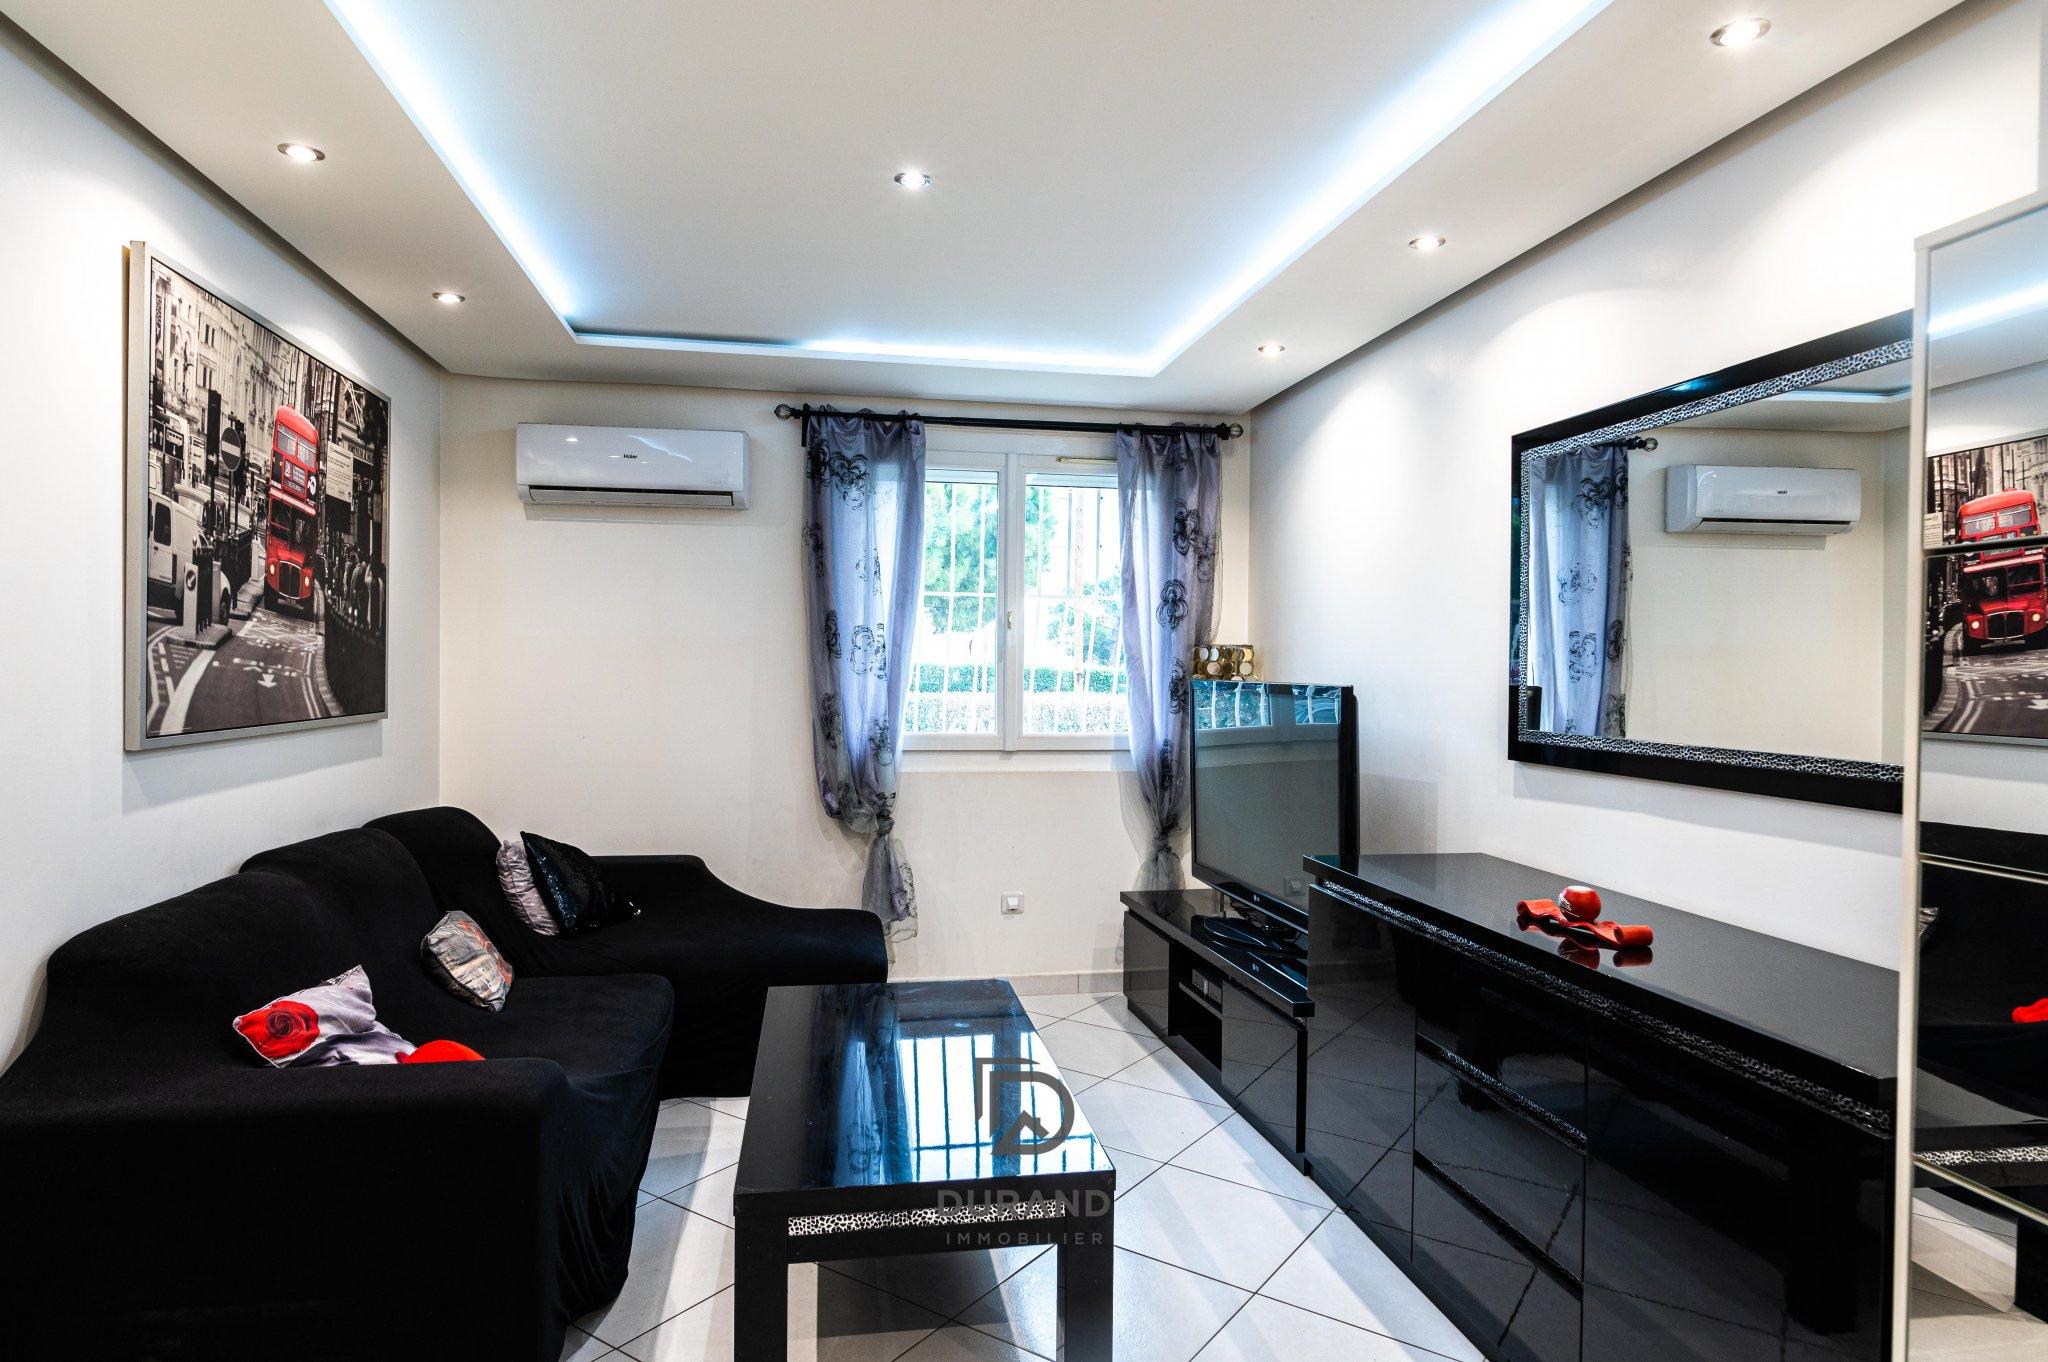 Appartement T3 52m2  CHARTREUX 13004 MARSEILLE